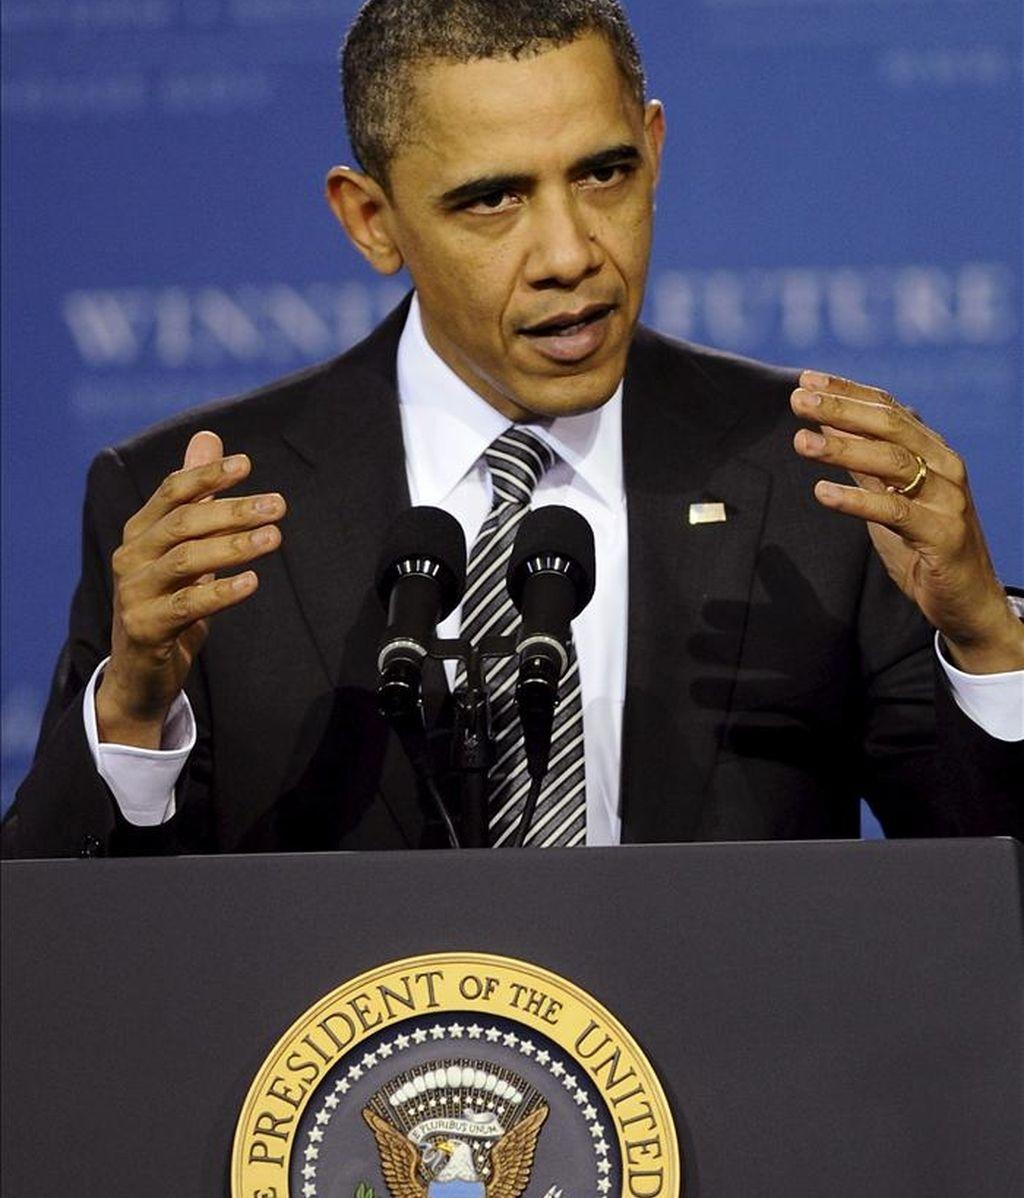 Fotografía de archivo tomada el 8 de marzo de 2011 que muestra al presidente estadounidense en un discurso durate su visita a la Academia TechBoston en Boston (Estados Unidos). EFE